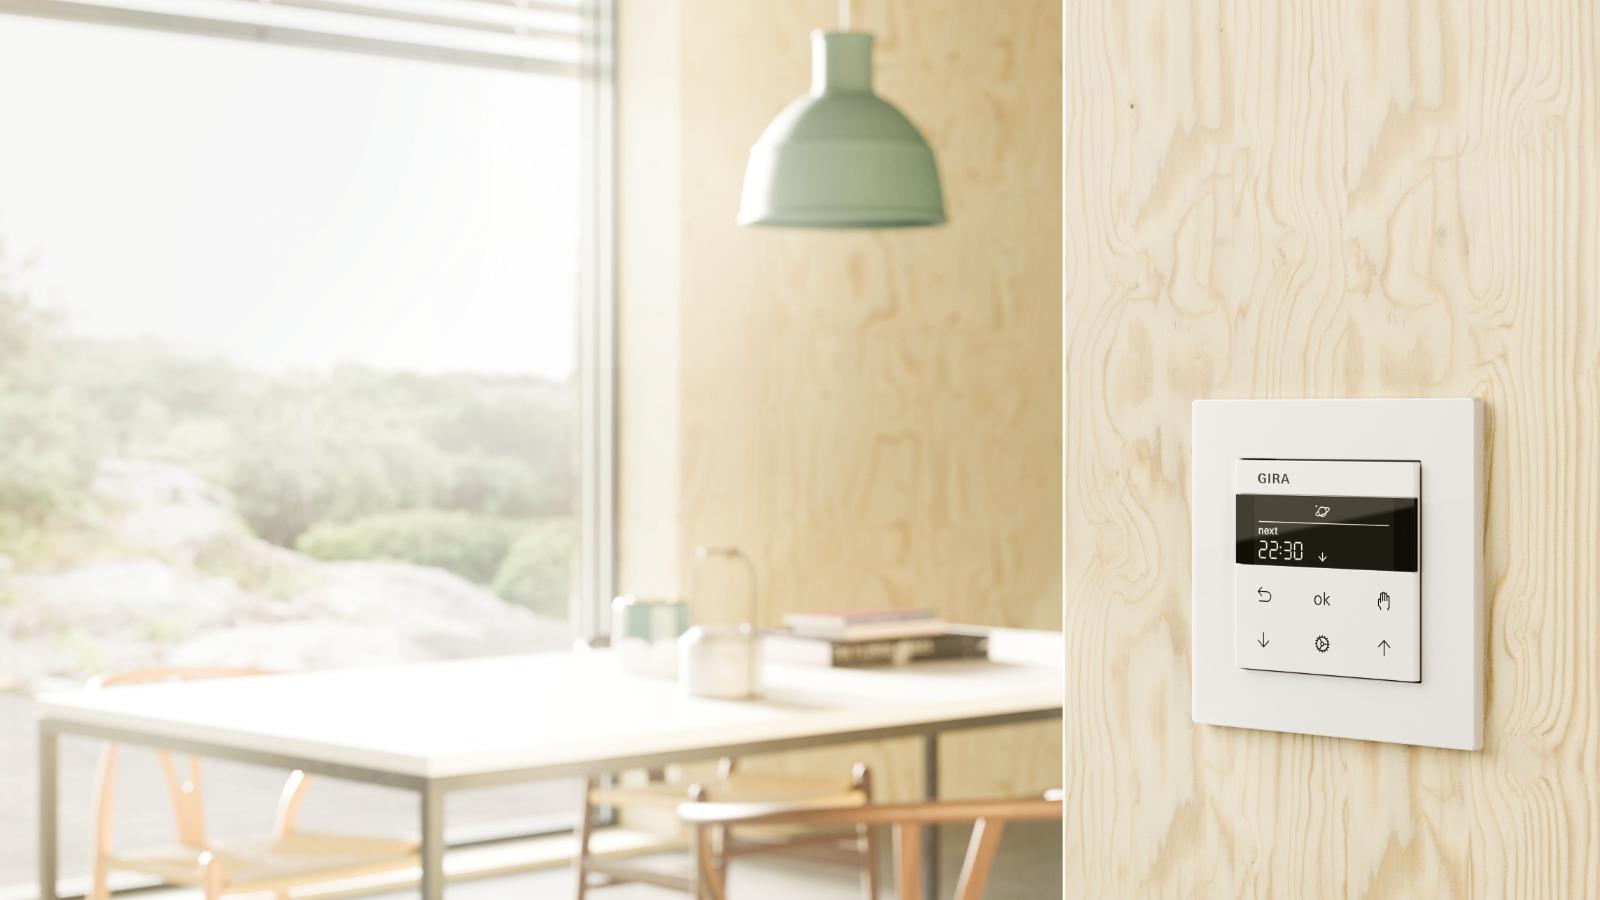 Smart Home mit weißem Schalter und grüner Lampe